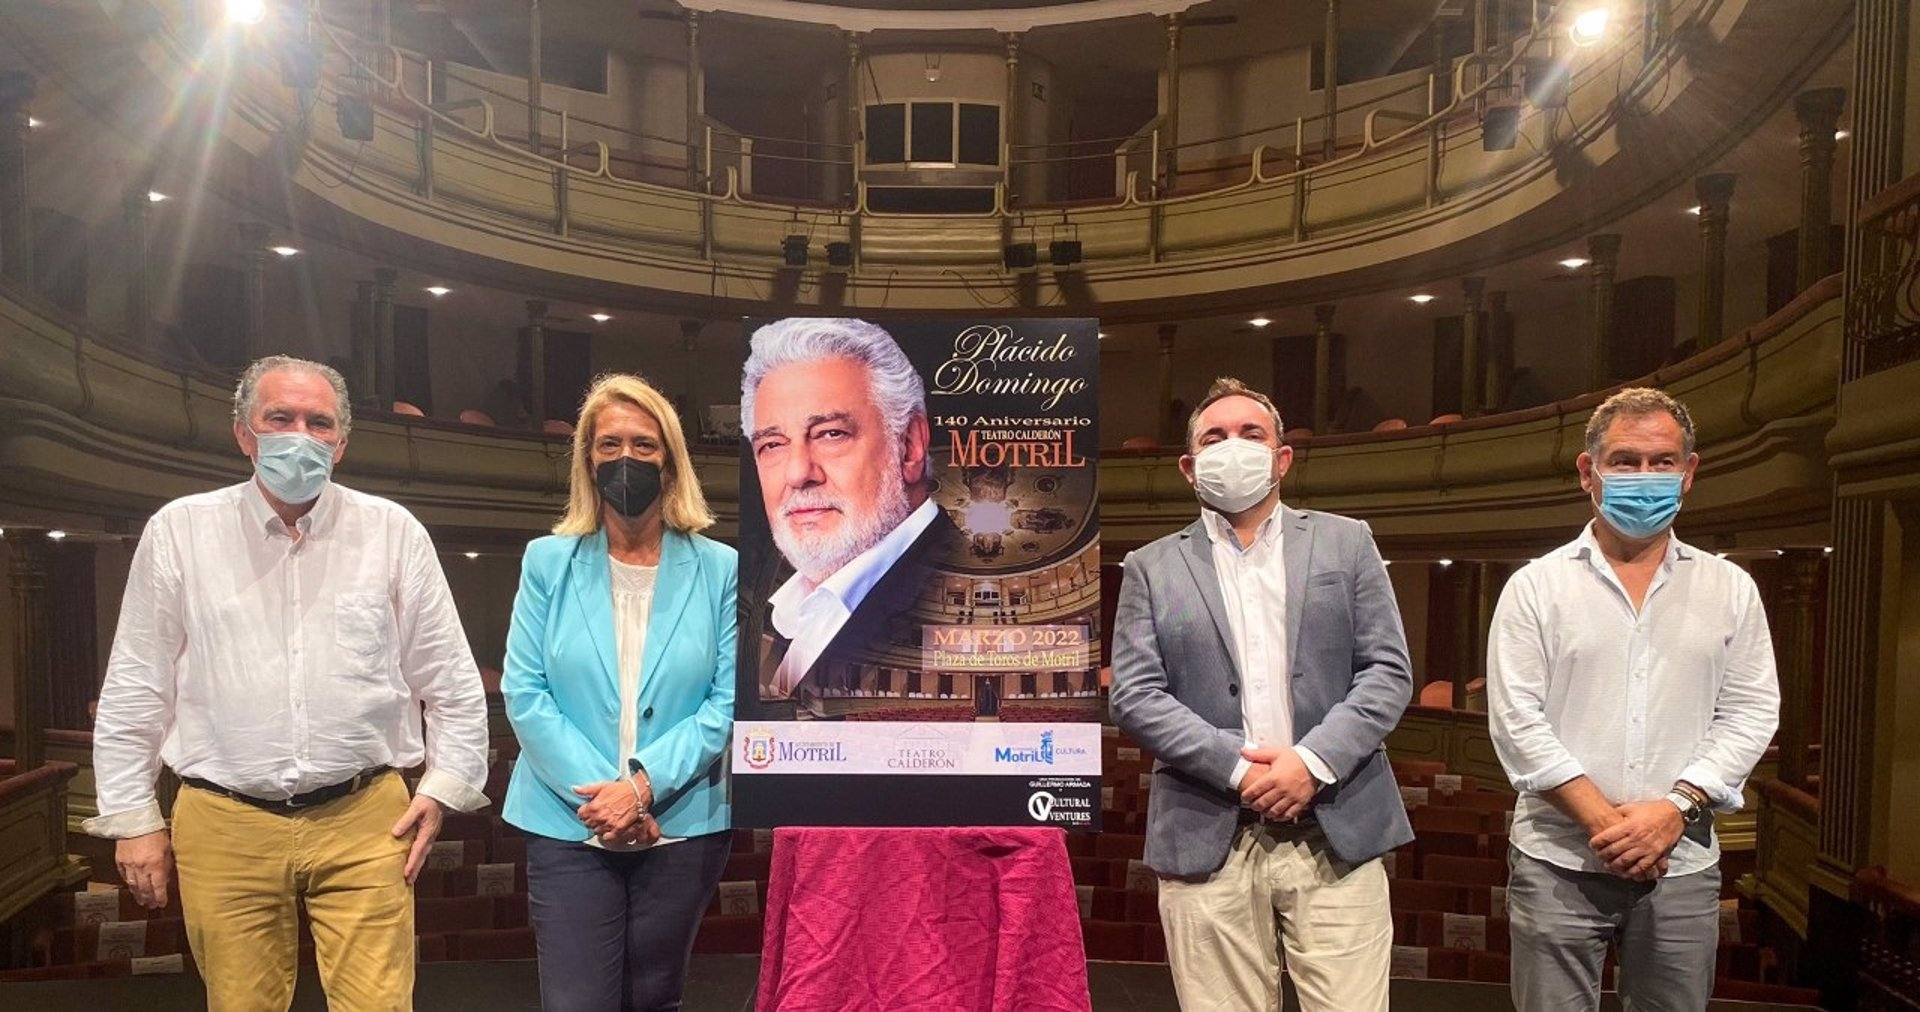 Motril acogerá un concierto de Plácido Domingo por el aniversario del Teatro Calderón